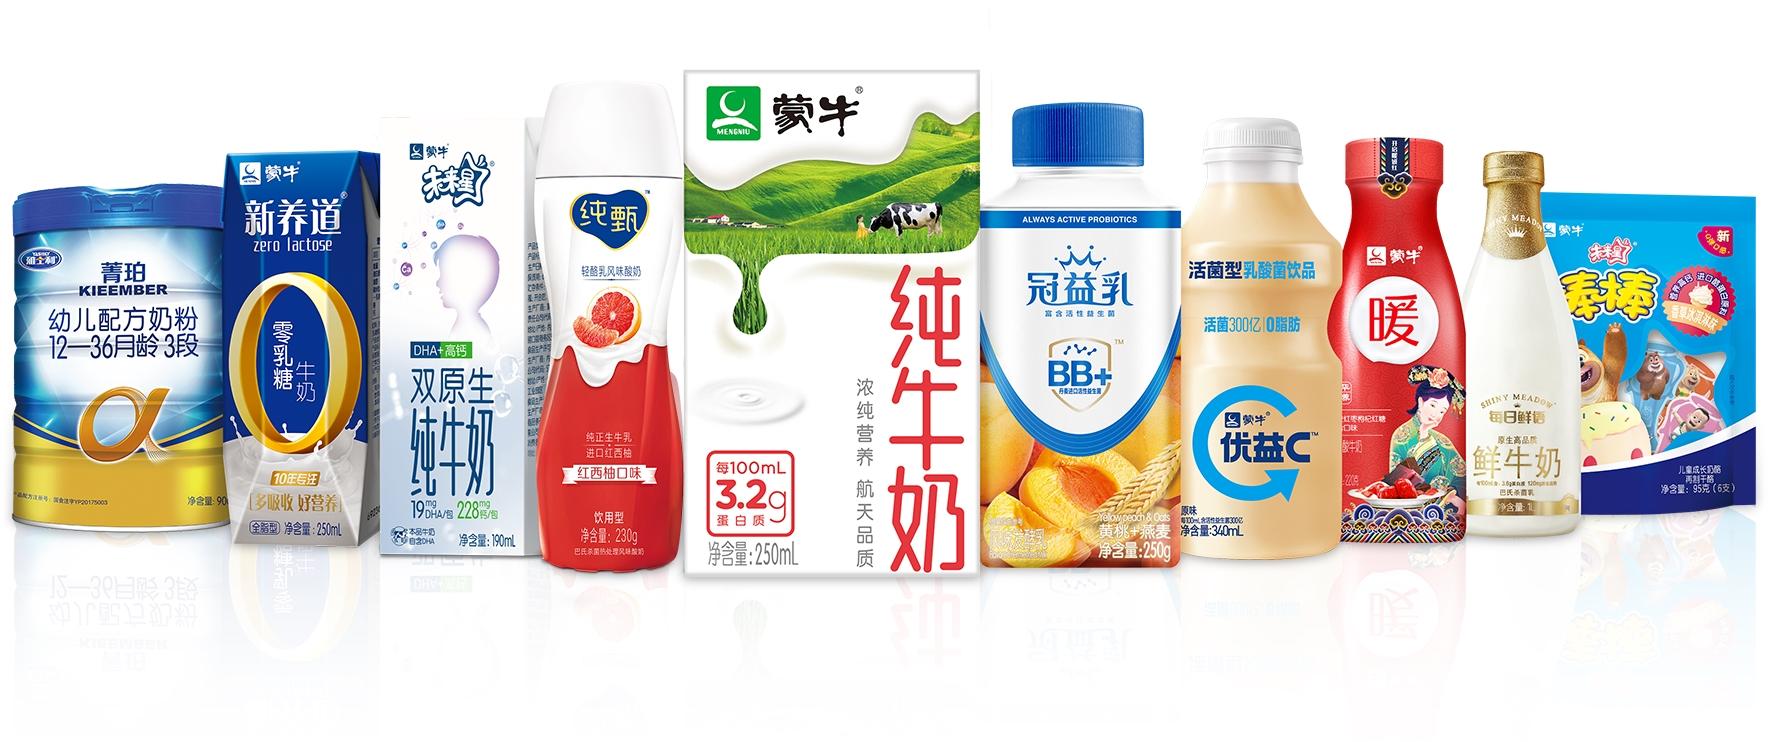 蒙牛参与编制的《中国居民奶及奶制品消费指导》发布